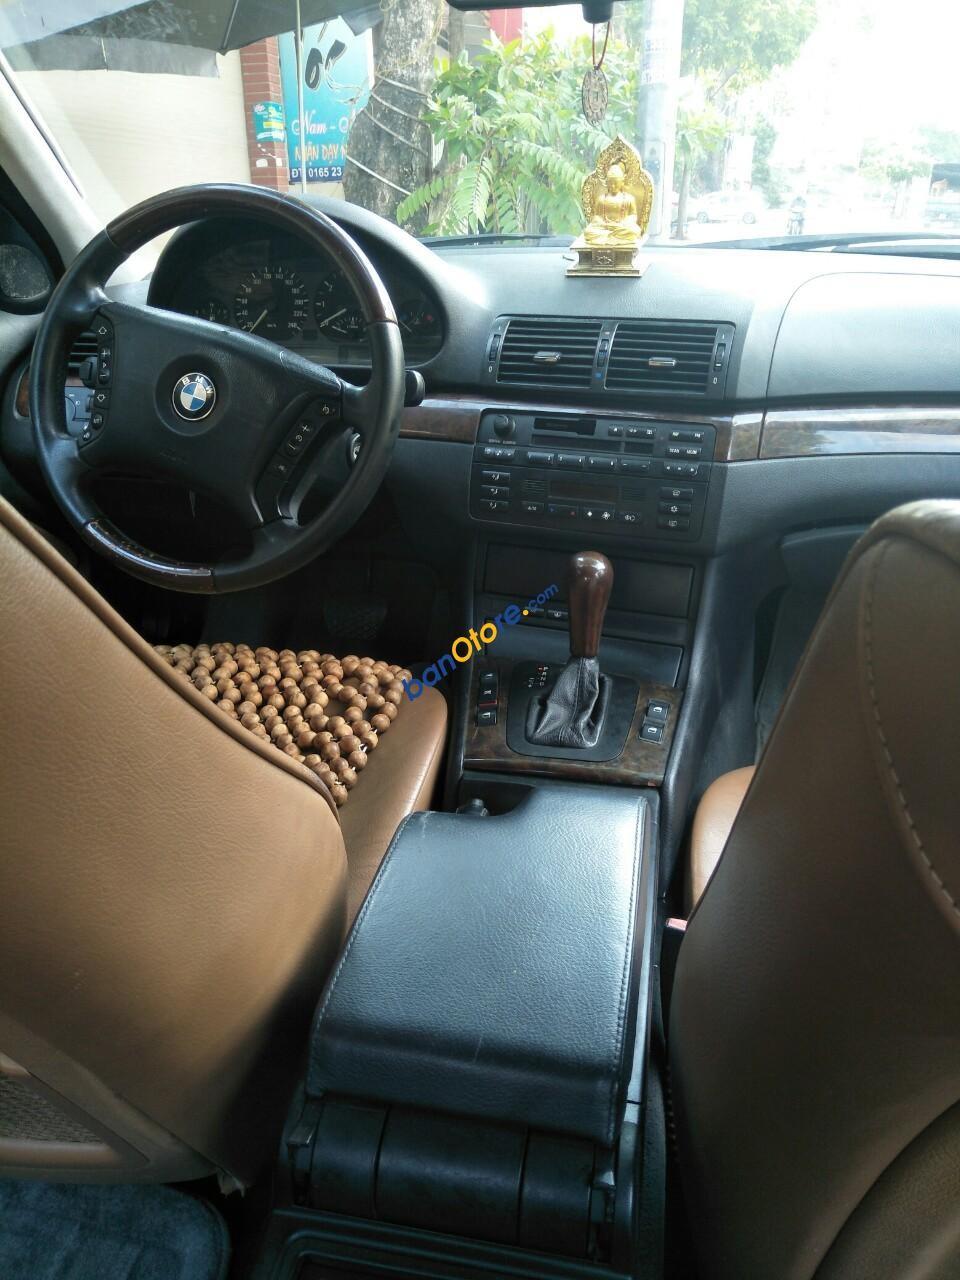 Gia đình bán BMW 318i sản xuất 2003 số tự động, chính chủ, tôi công chức đi ít lên xe còn rất đẹp máy cực ngon nổ êm ru